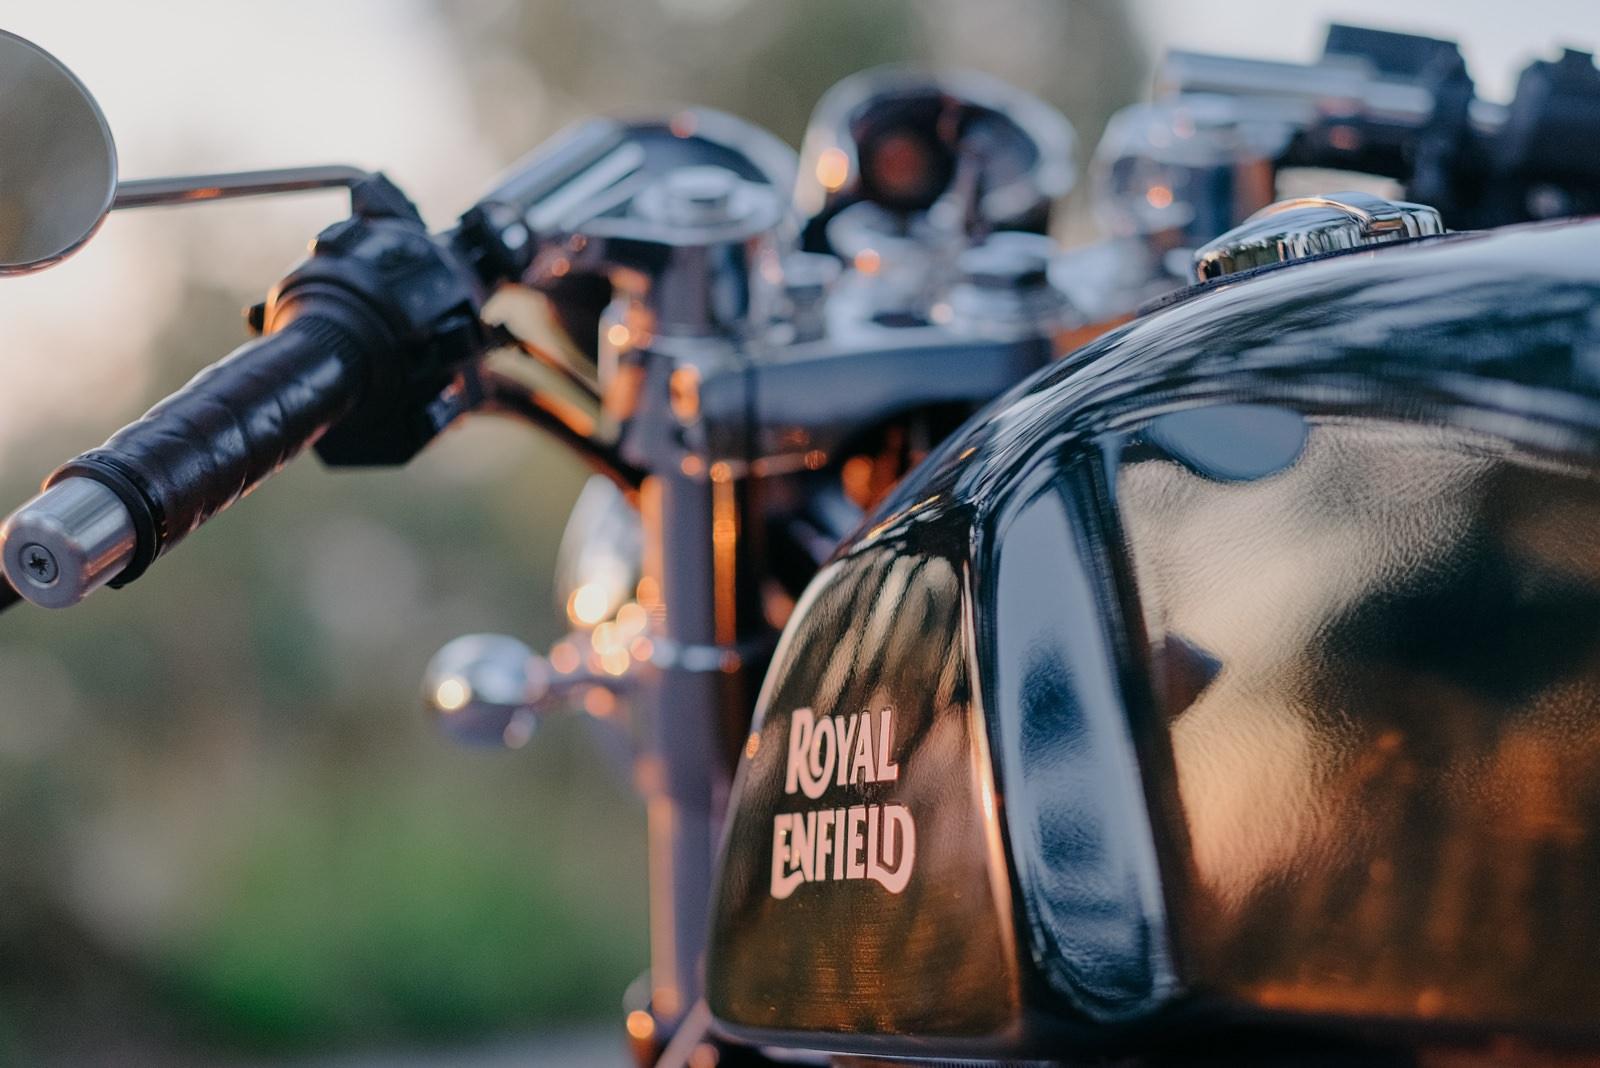 Fotógrafo de moda Portugal motas Royal Enfield Porto Scrambler caferacer